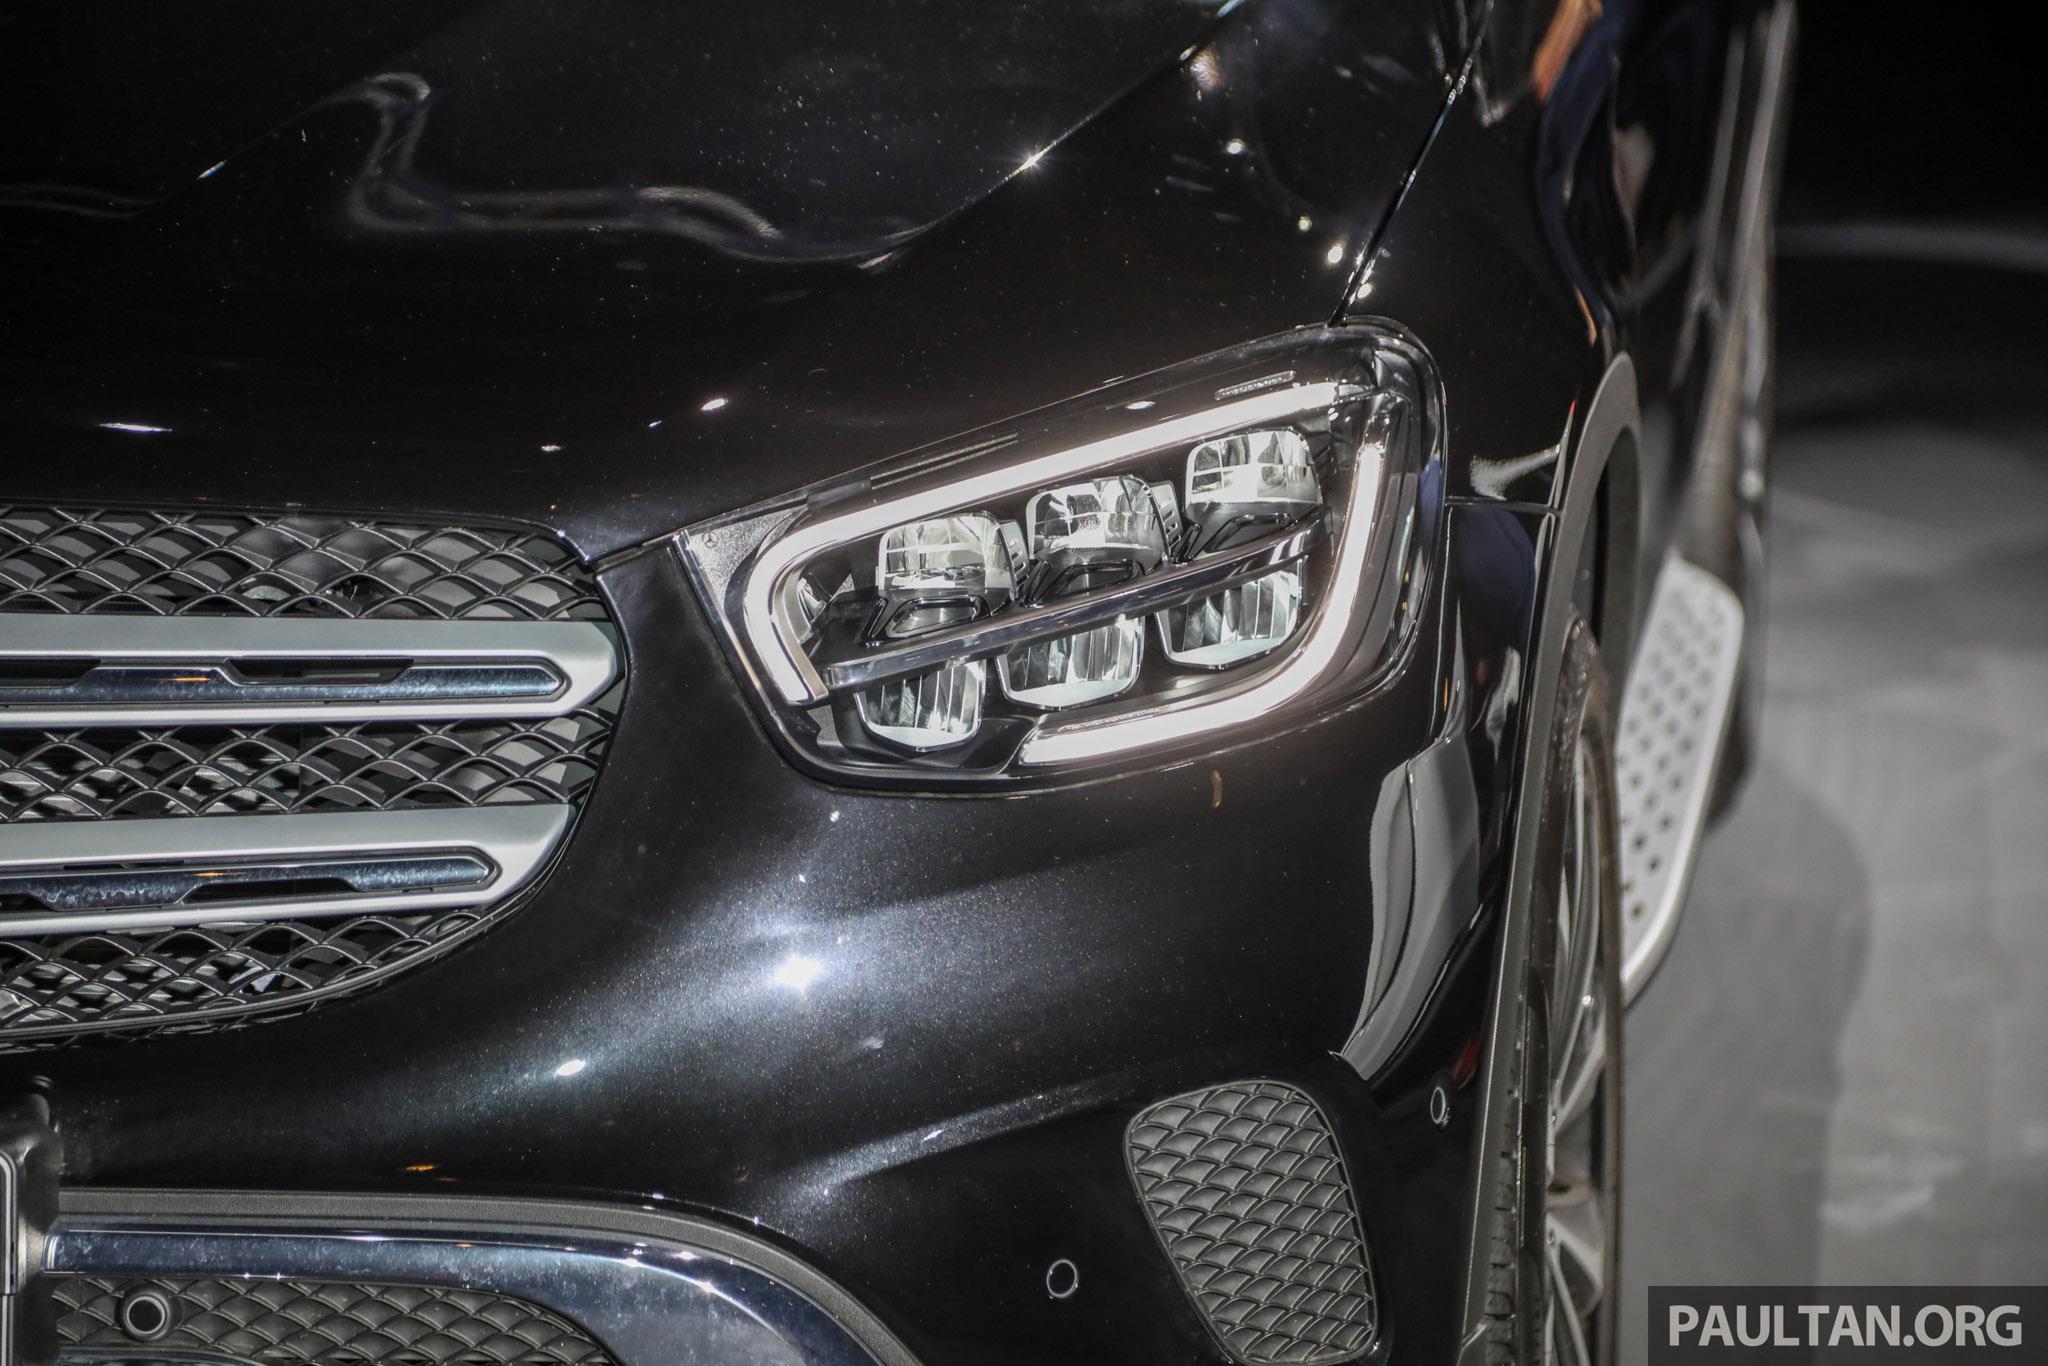 hong-ngay-ve-cua-vua-doanh-so-xe-sang-mercedes-benz-glc-2020